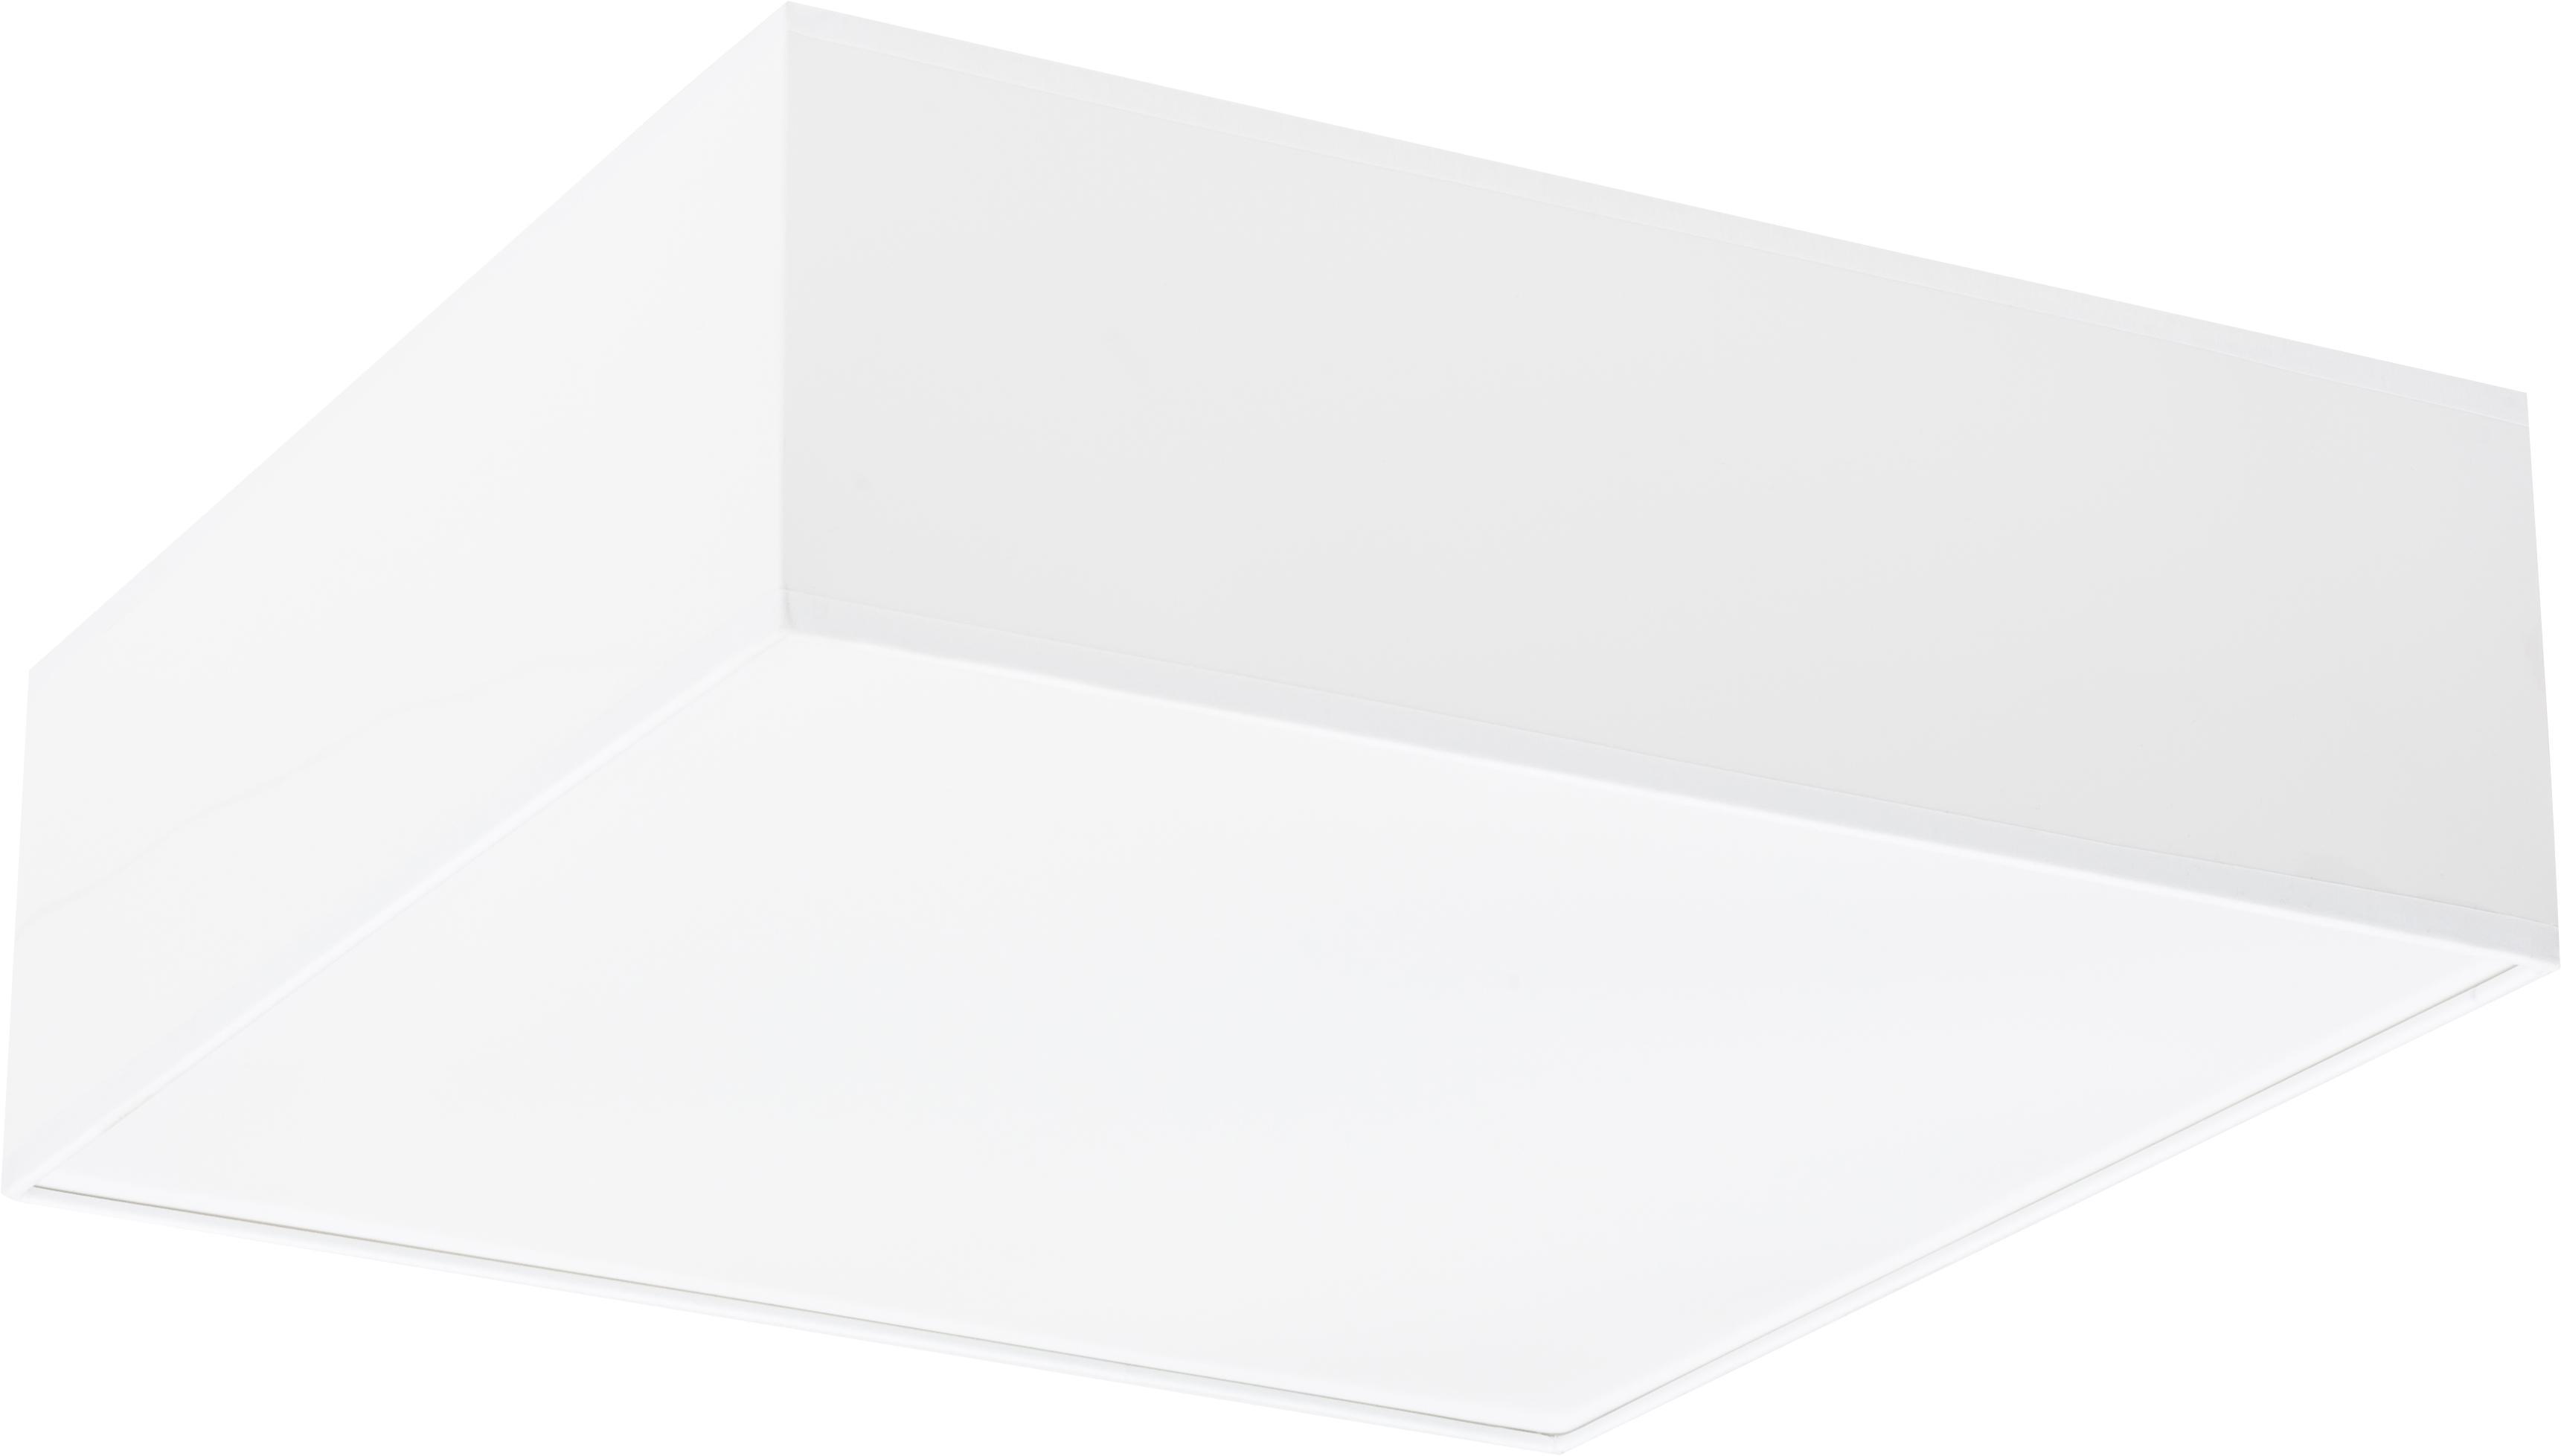 Lampa sufitowa Mitra, Tworzywo sztuczne (PVC), Rama: biały Dyfuzor: biały, S 35 x W 12 cm